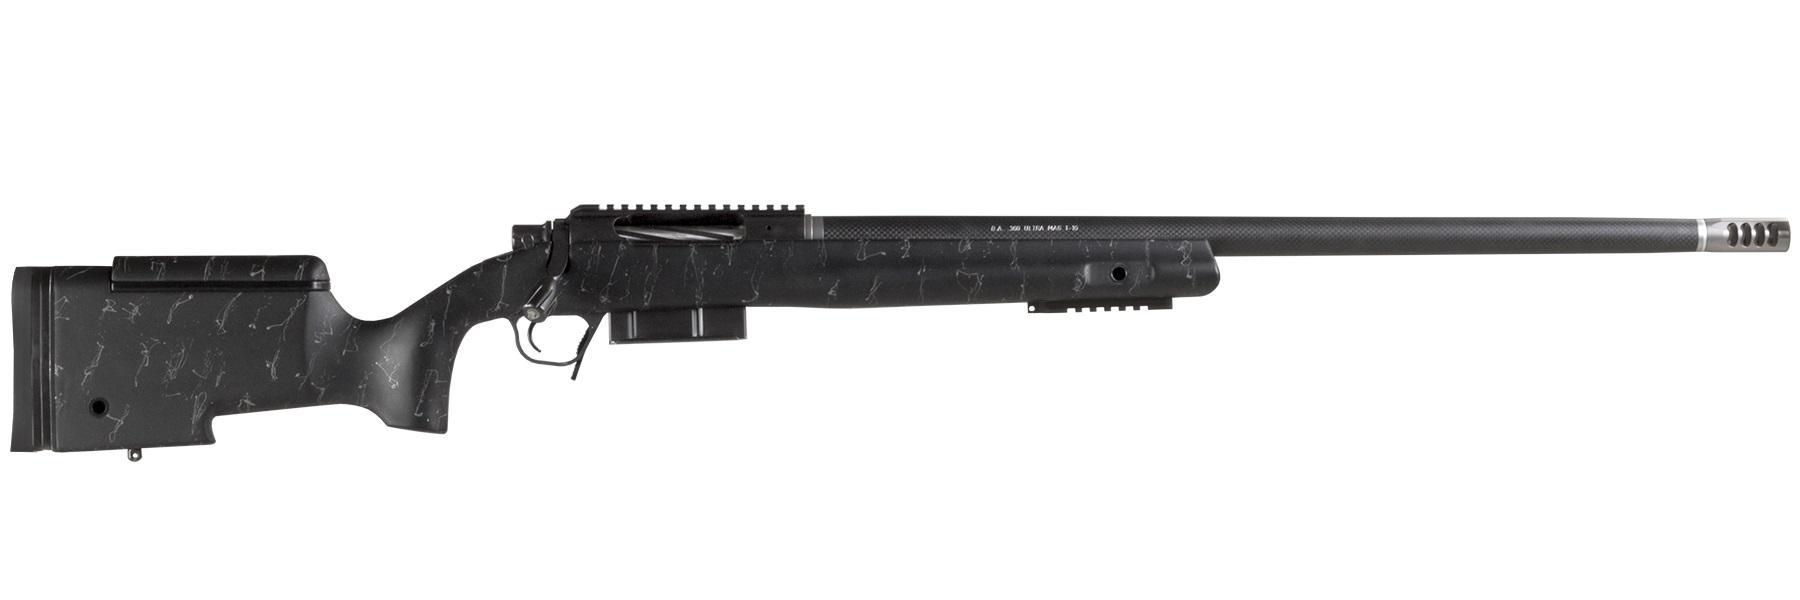 BA TAC 300WIN BLK/GRY 26 TB - CA10270-285481